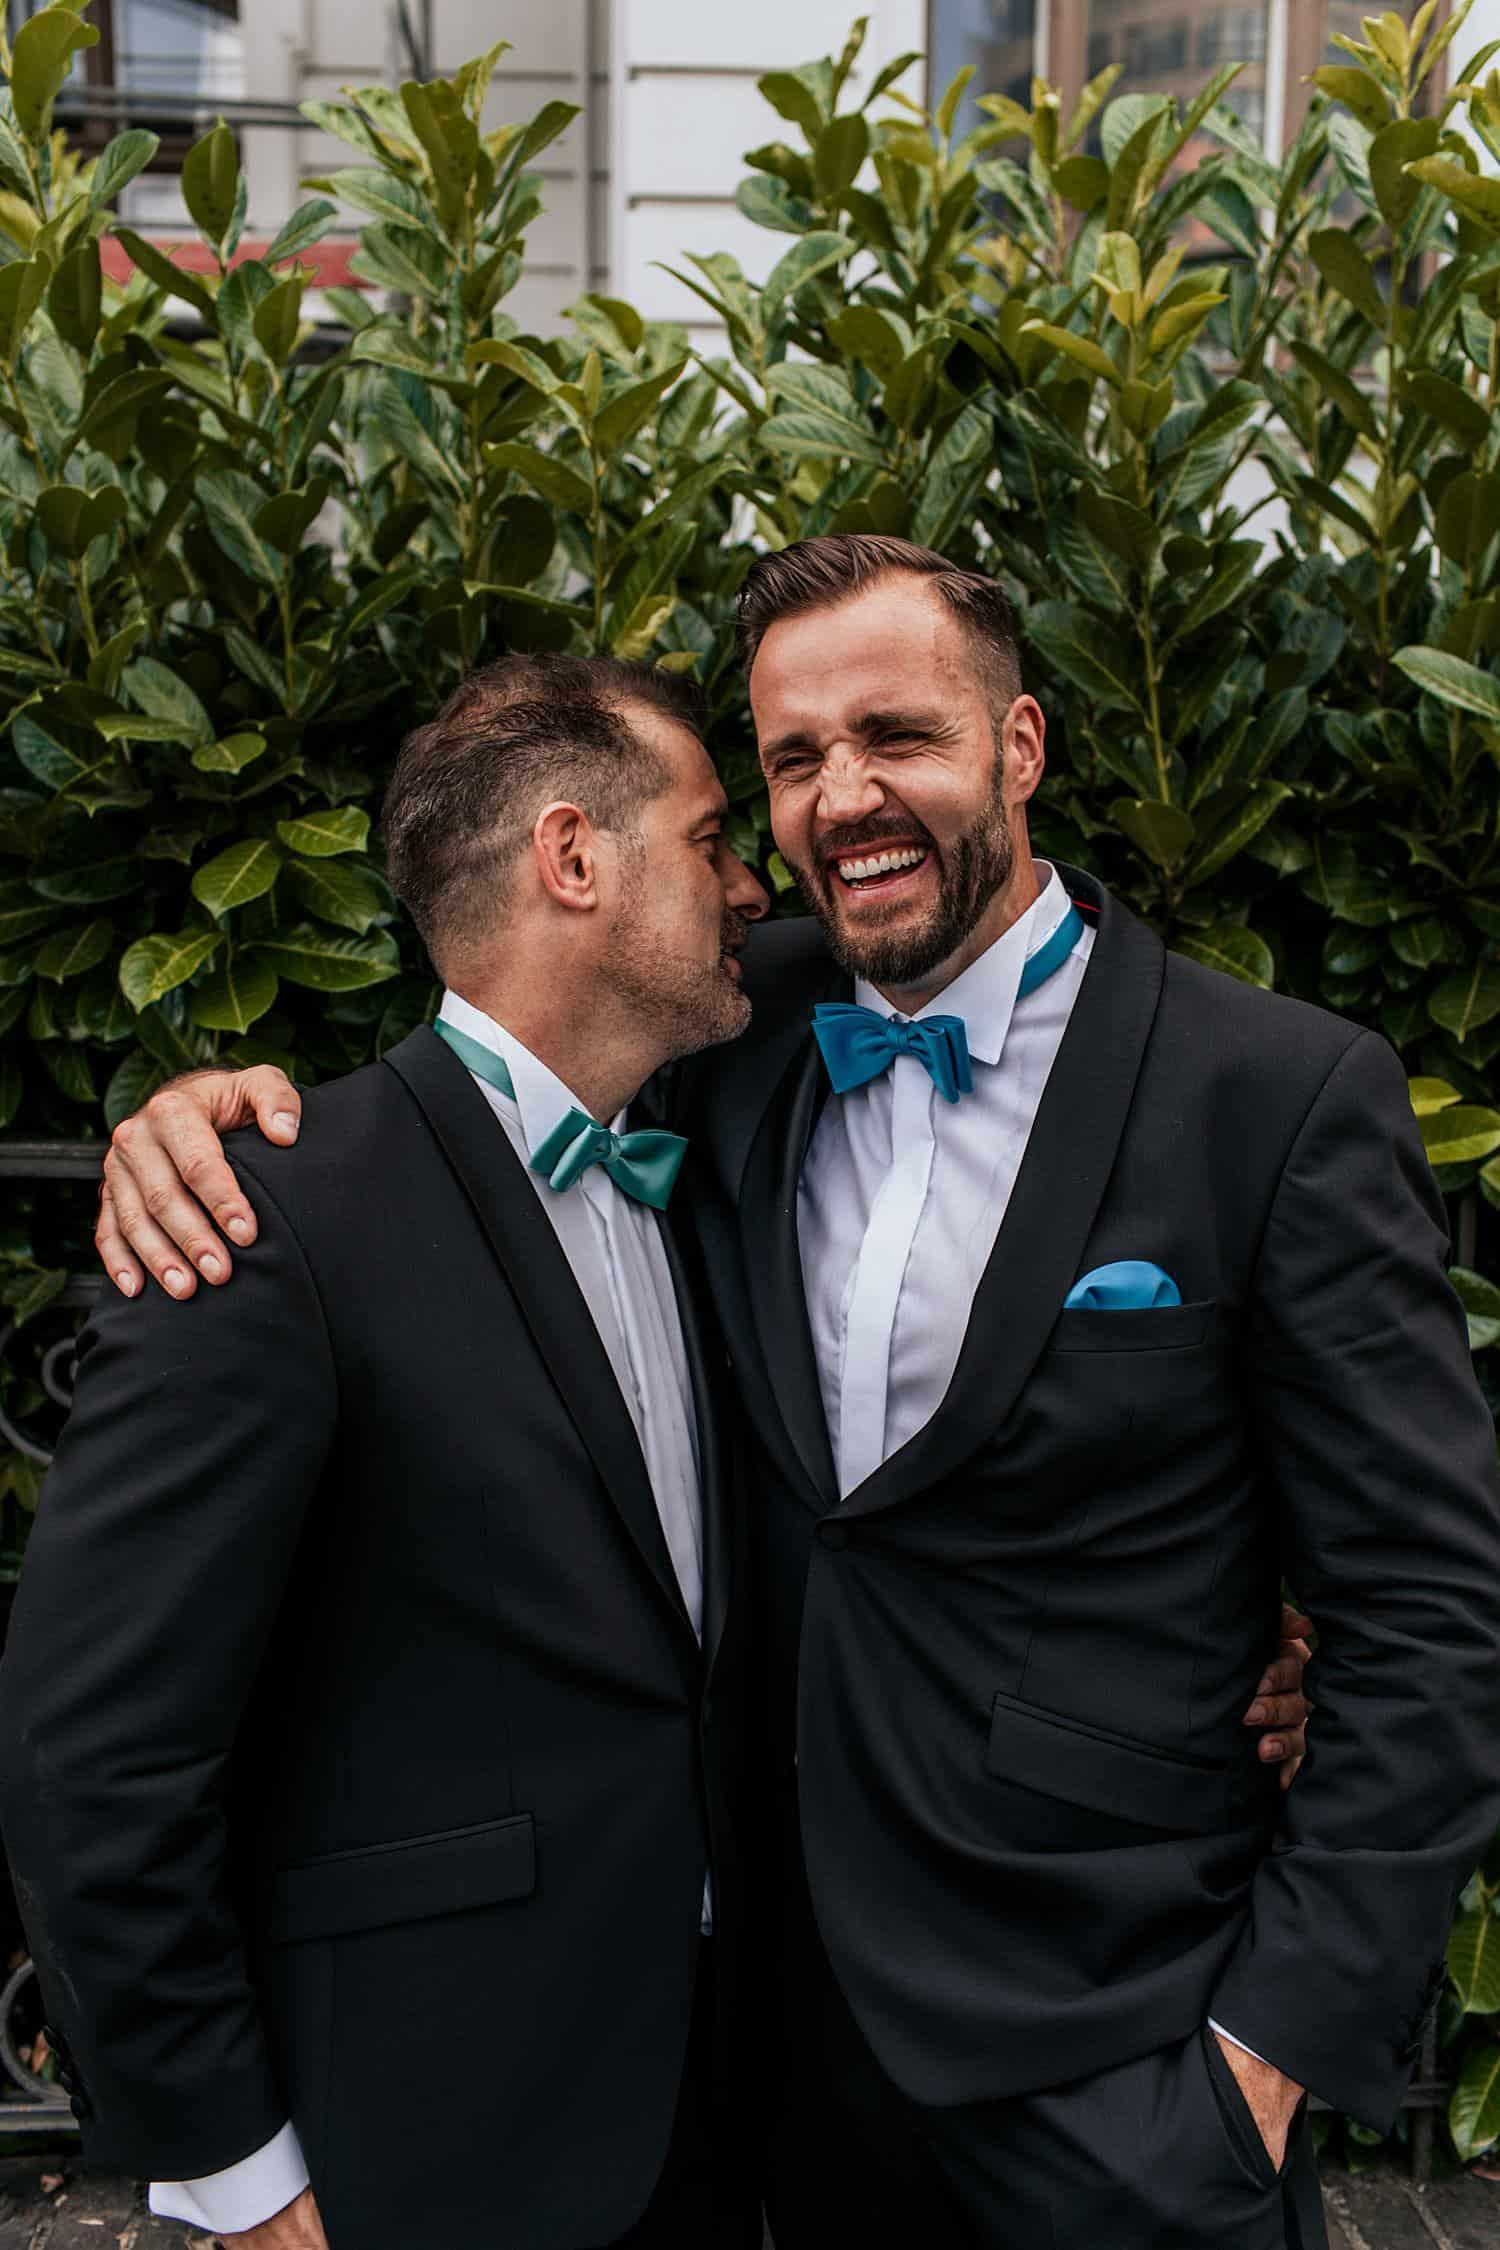 gay wedding berlin schwule hochzeit berlin (45).jpg